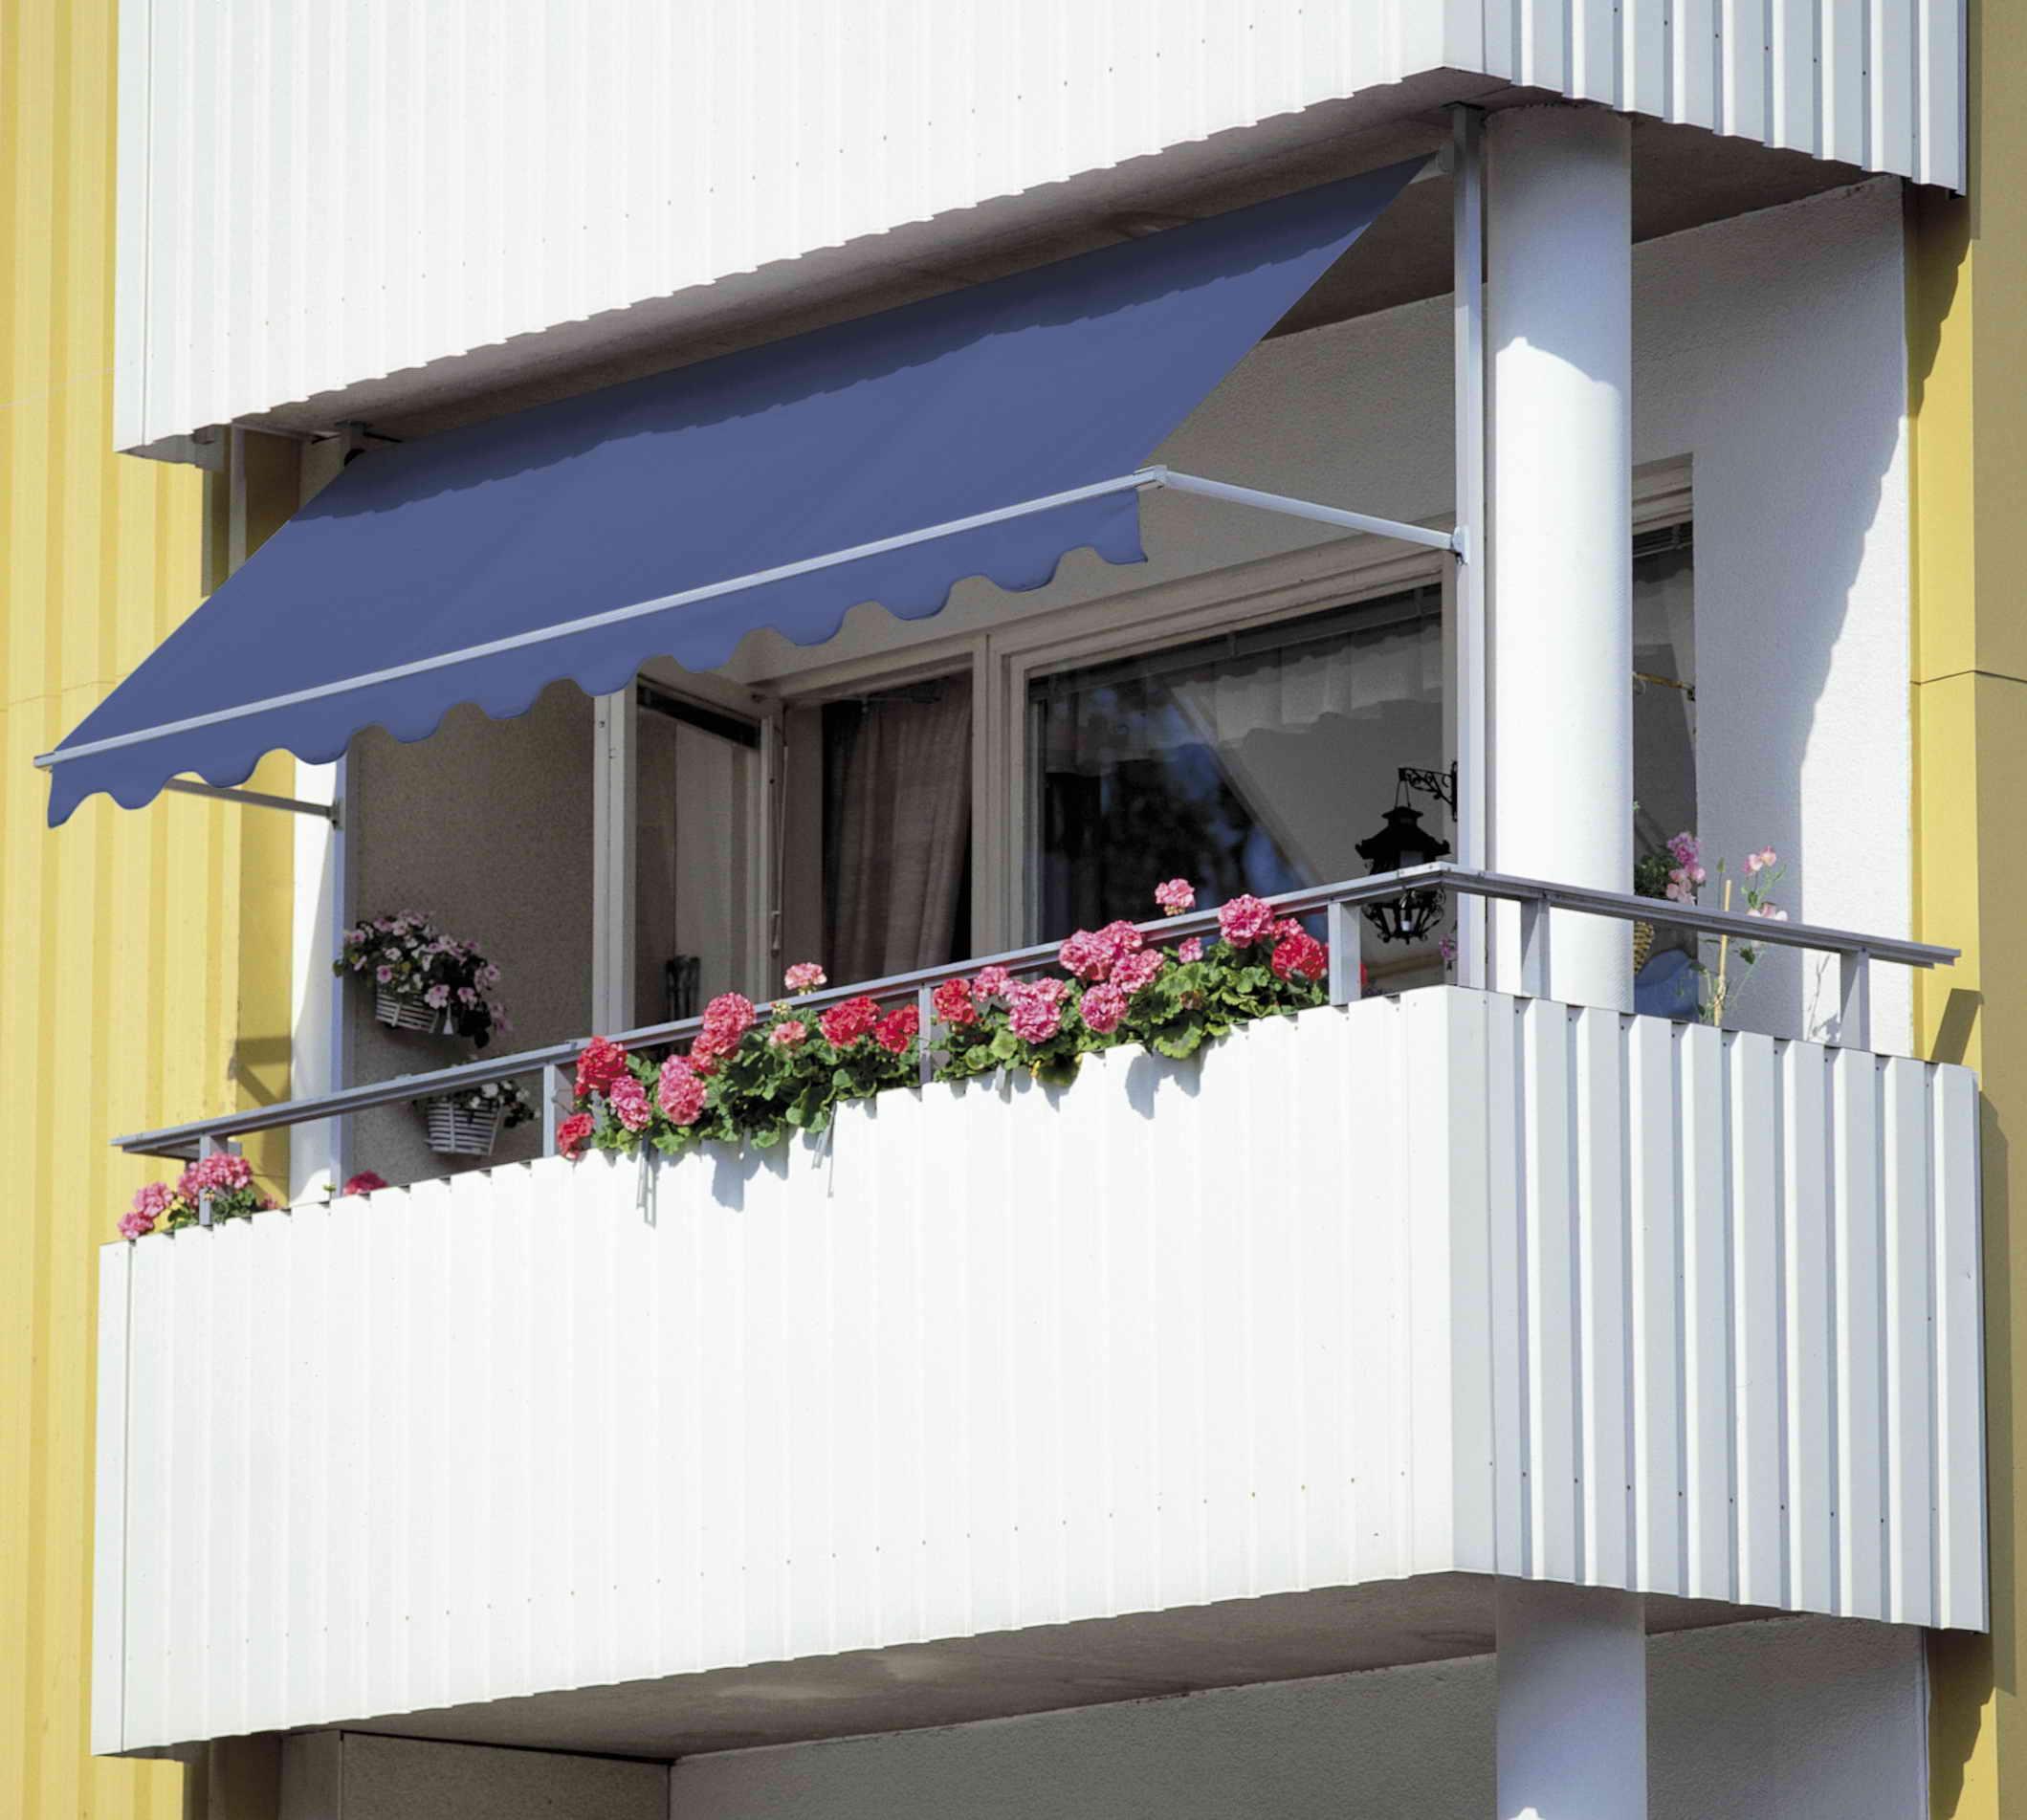 Сайдинг или профнастил: что выбрать для наружной отделки балкона?